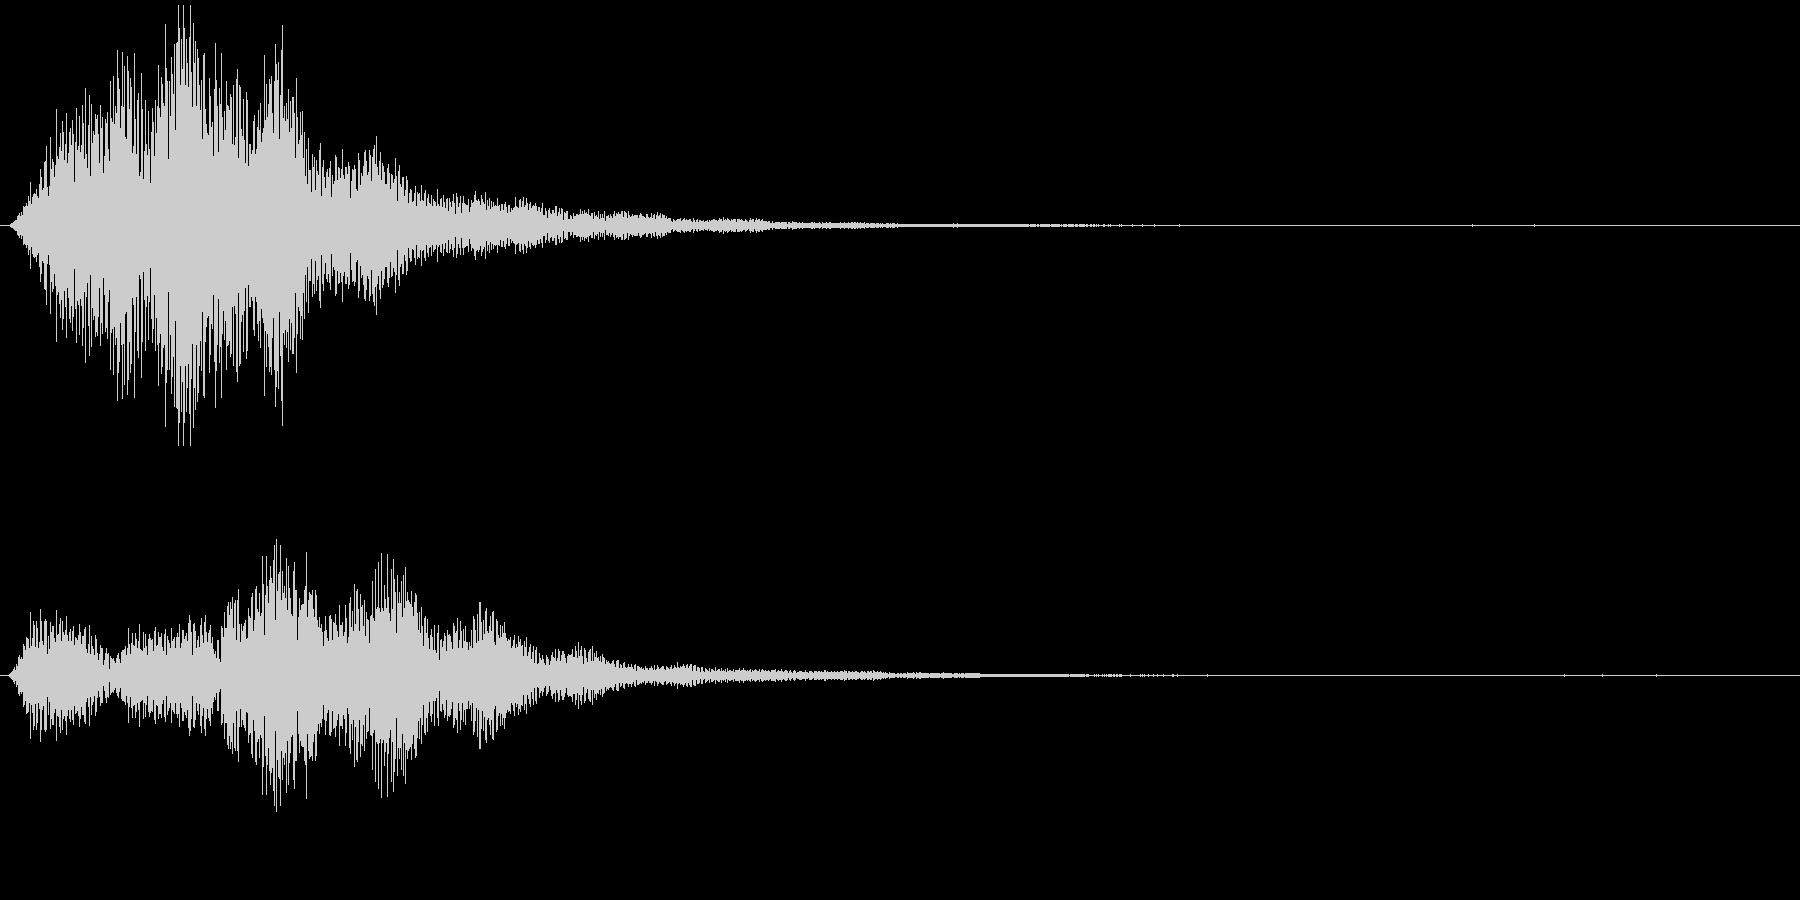 ファーーーン、ポワーーーン、やわらかい音の未再生の波形